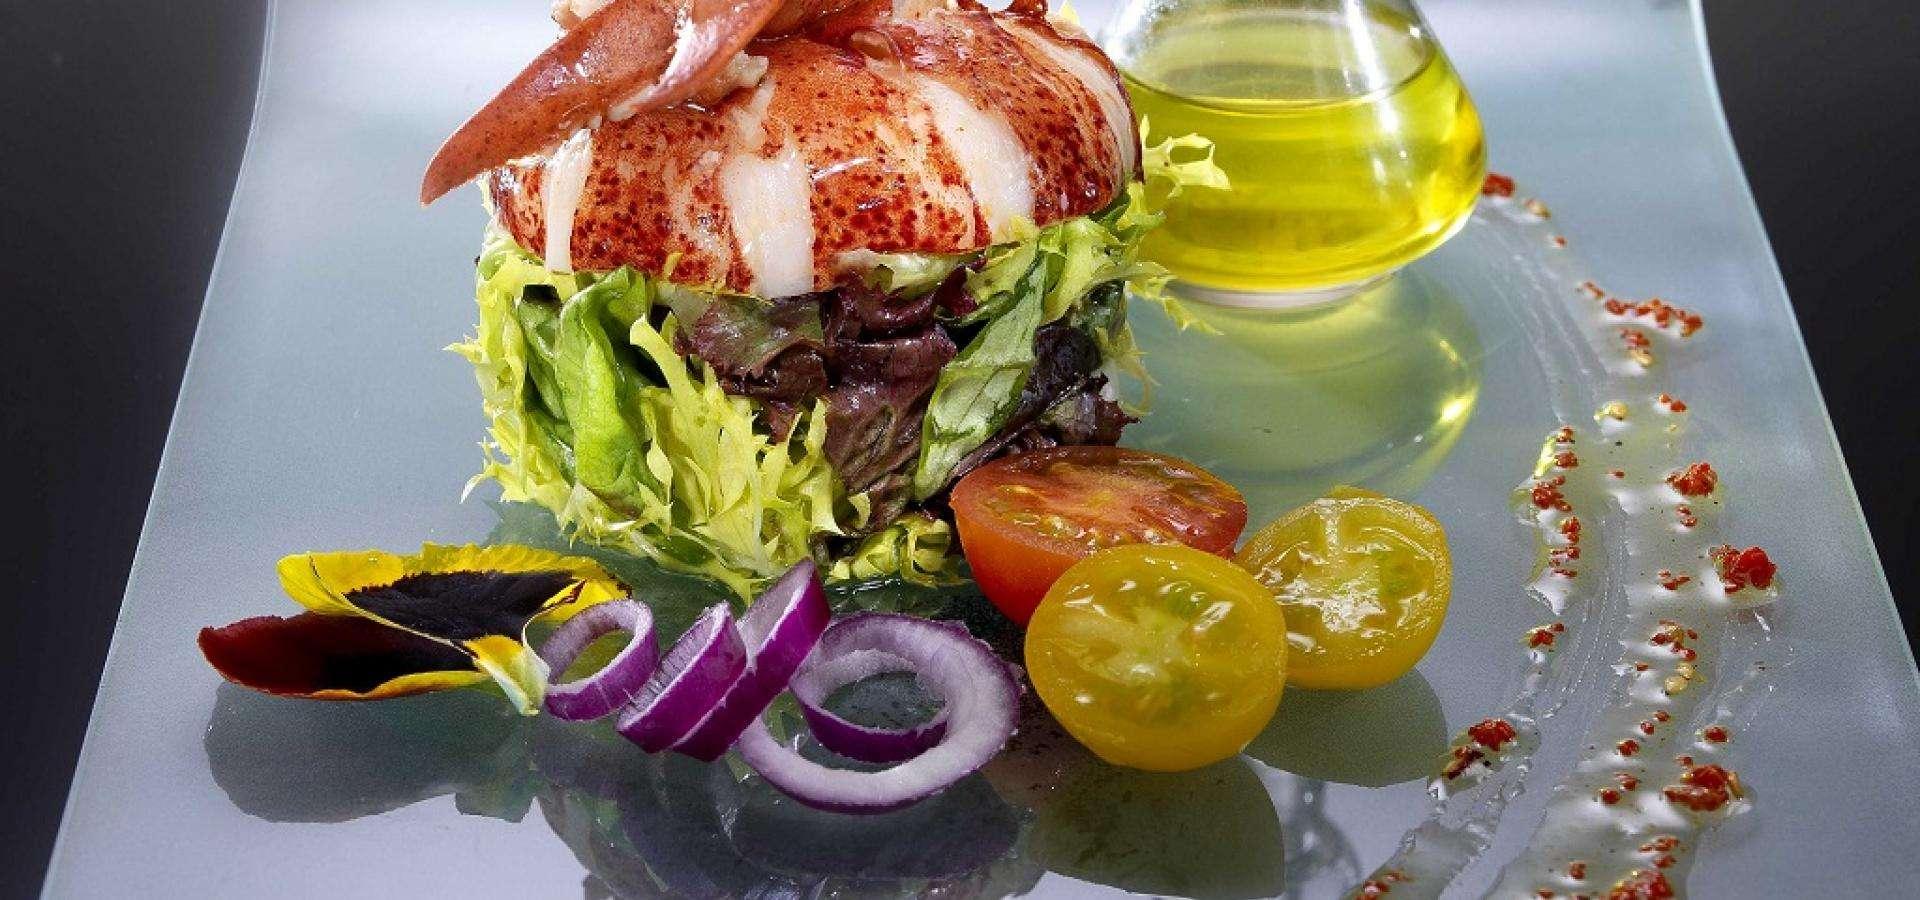 Receta de ensalada de bogavante con vinagreta de lima y azafrán